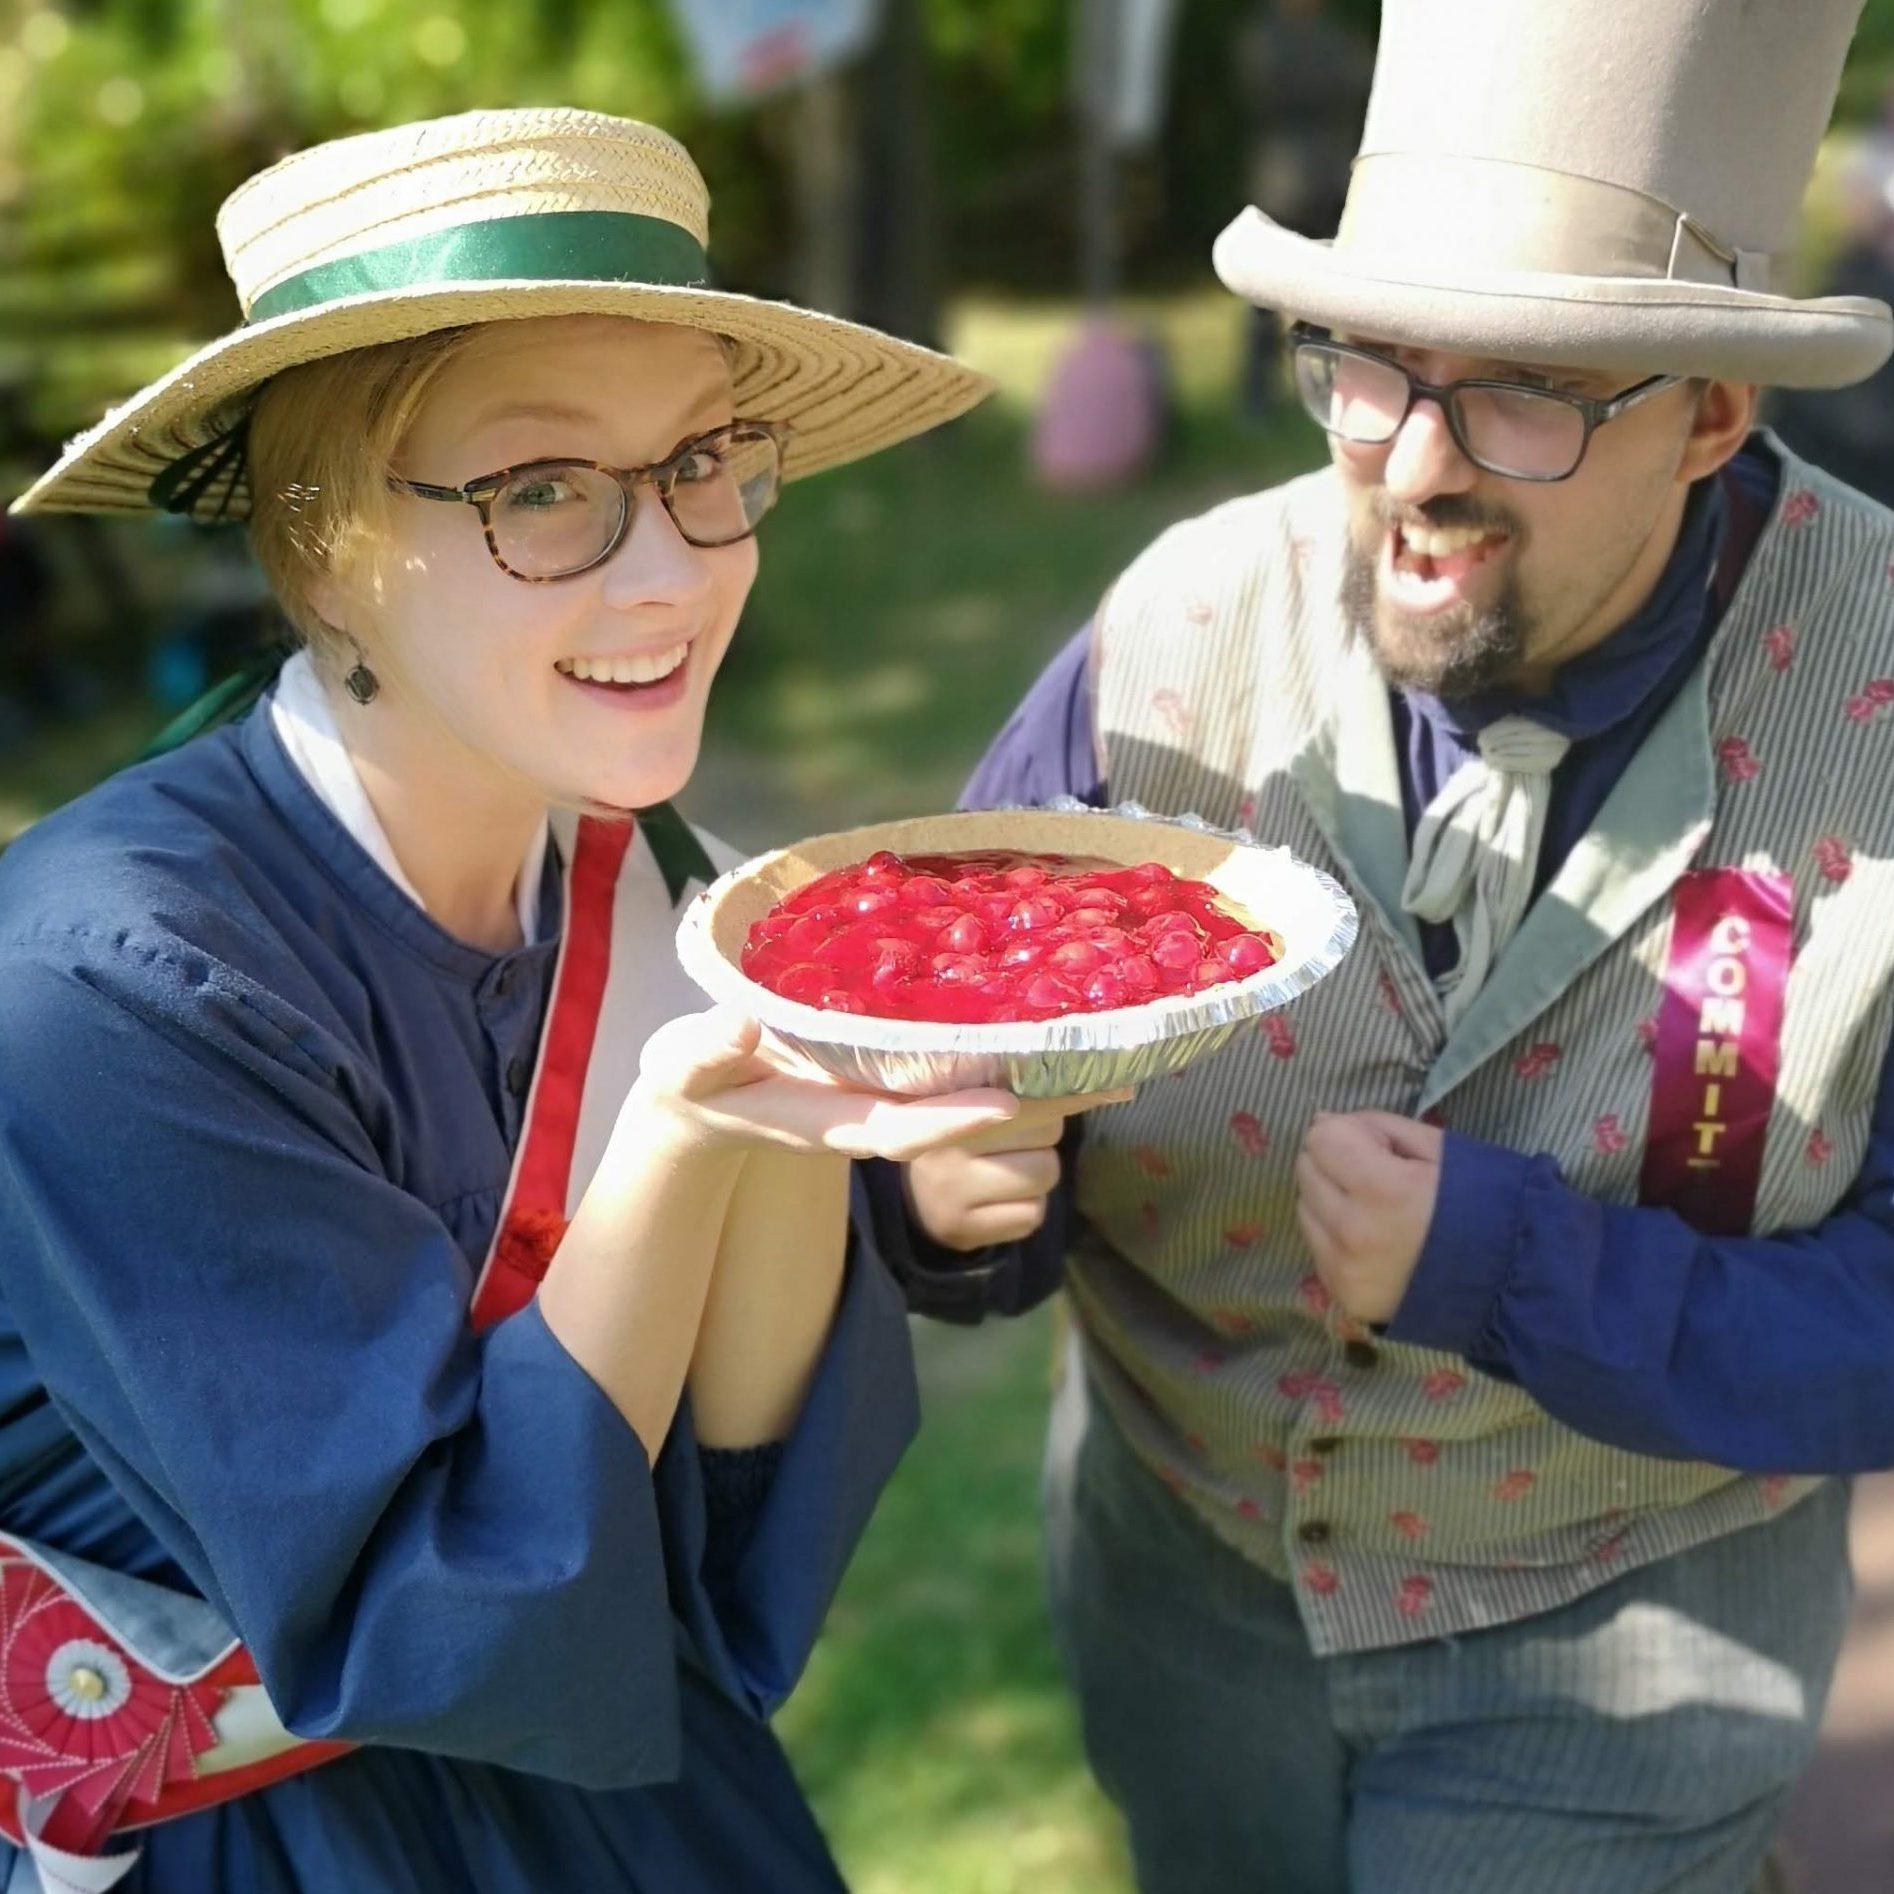 Pie eating pioneers